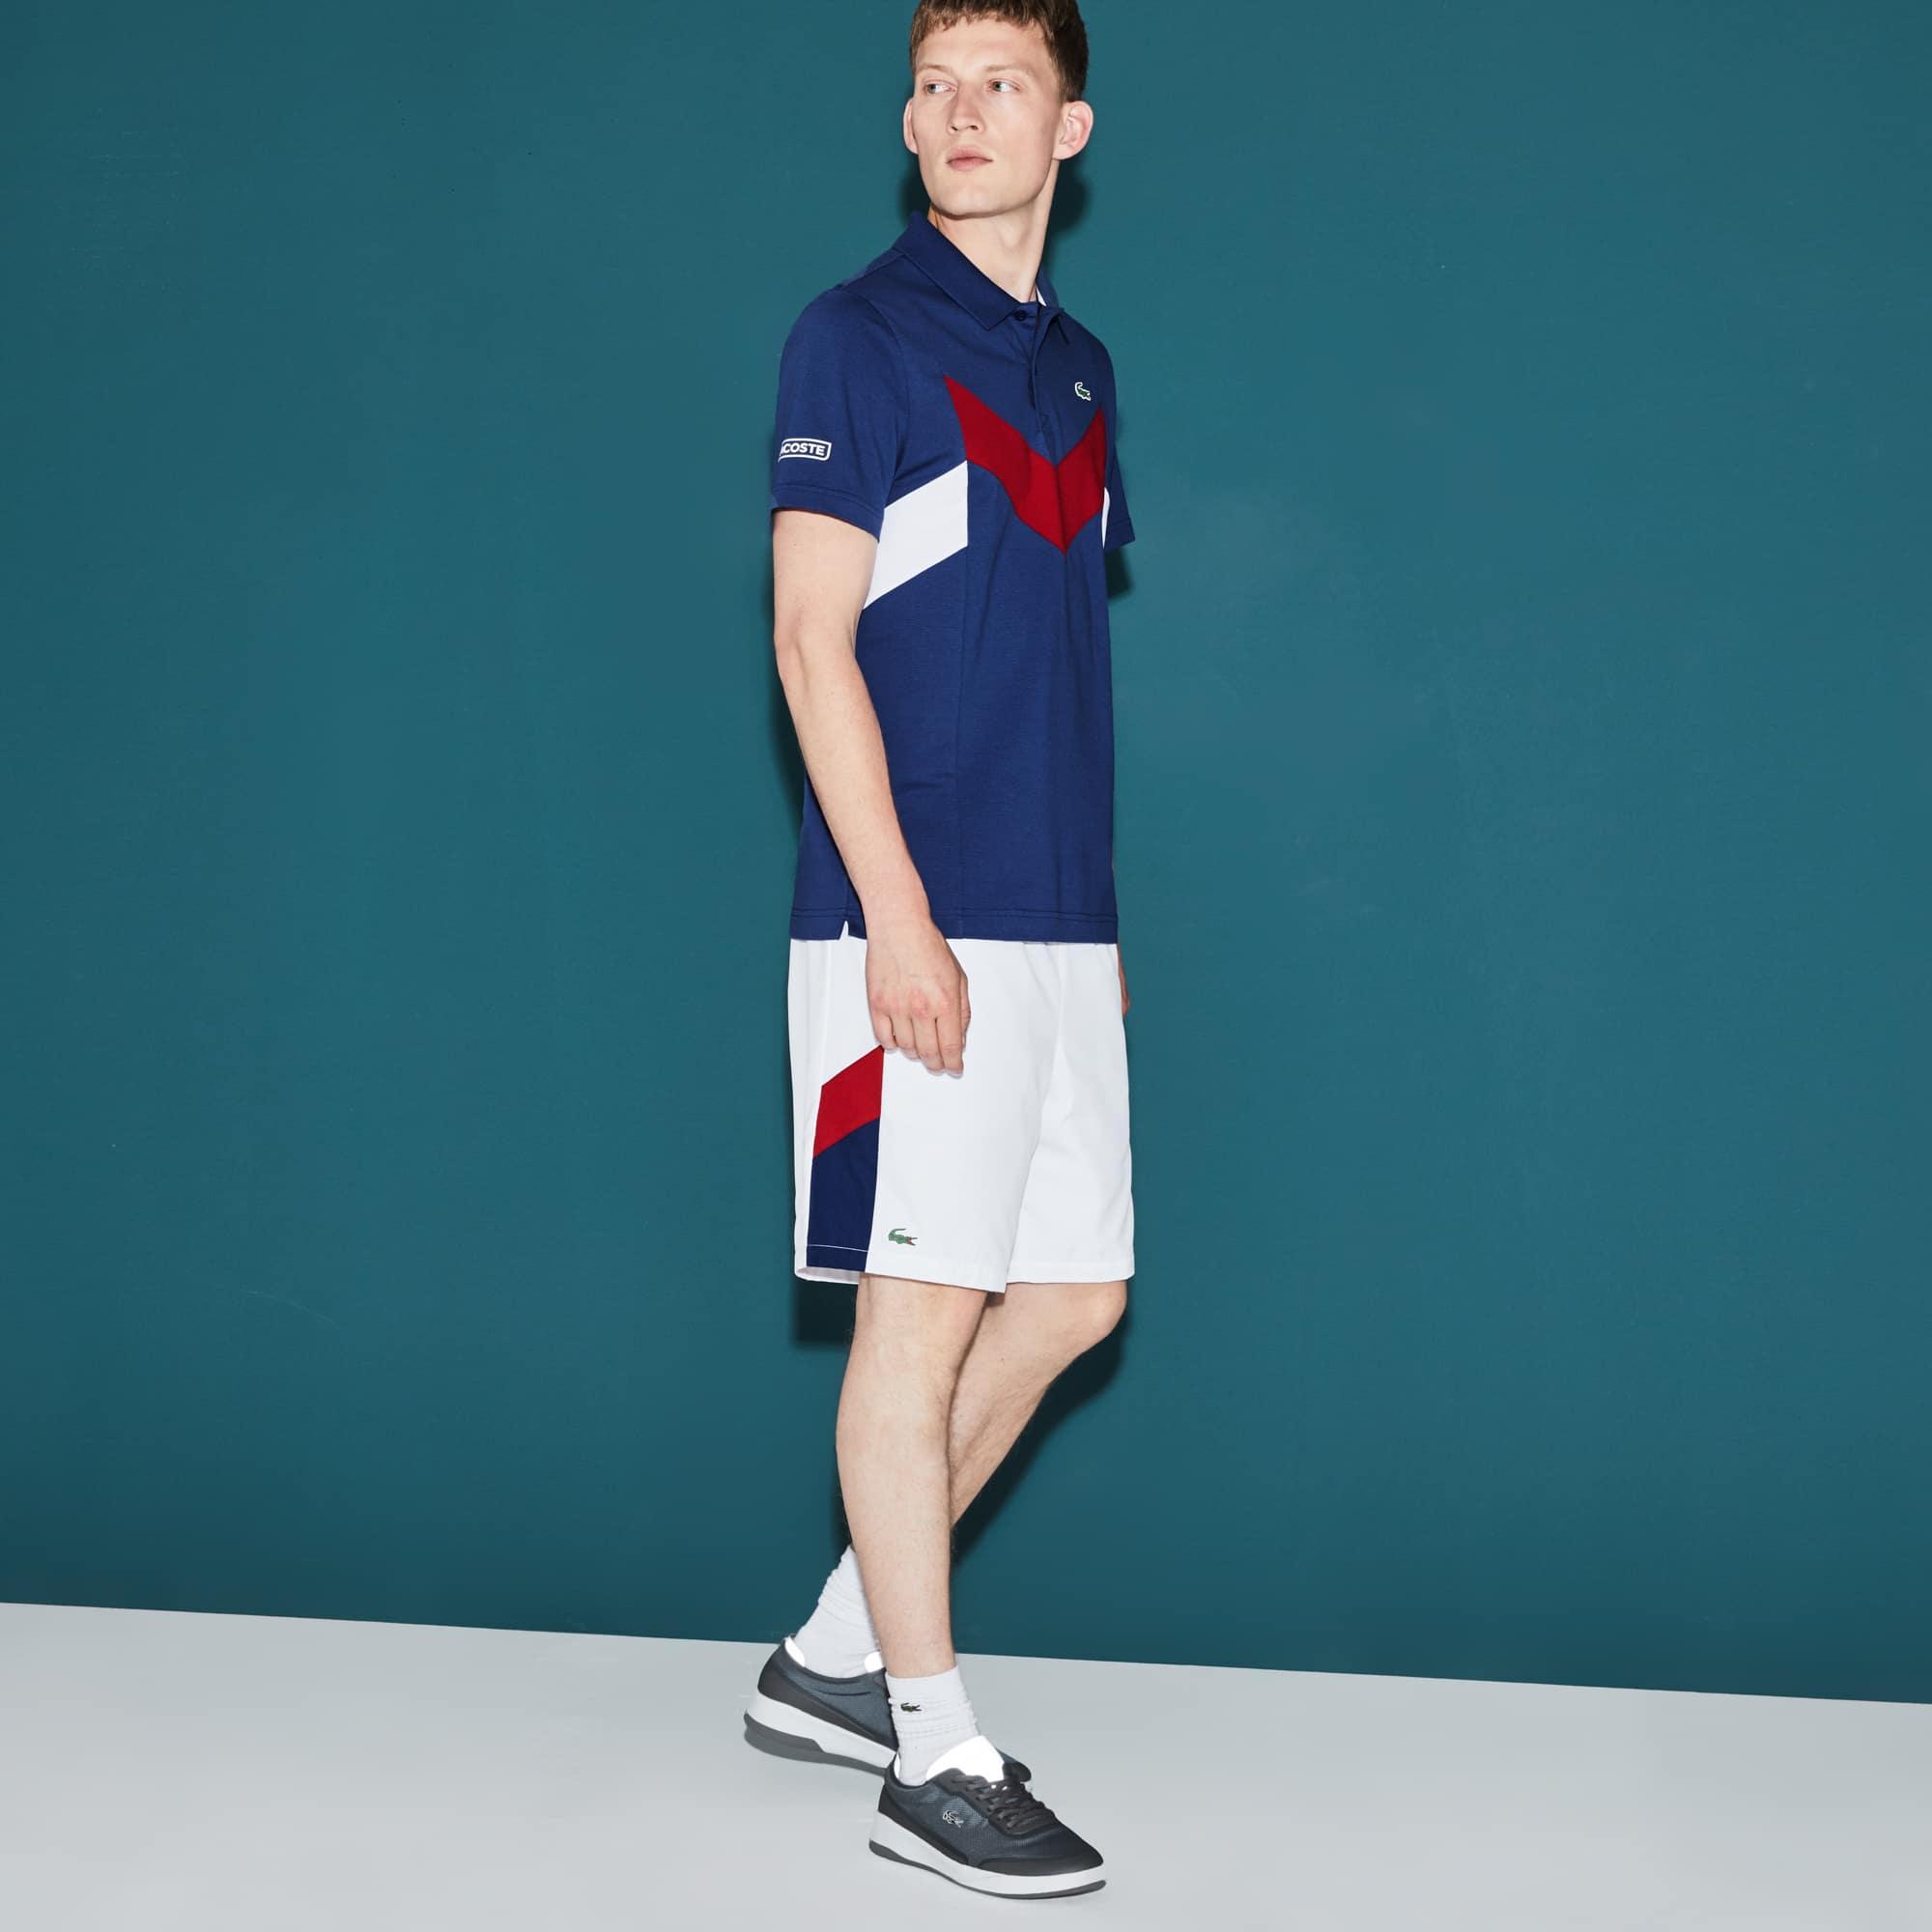 Calções Tennis Lacoste SPORT com faixas color block